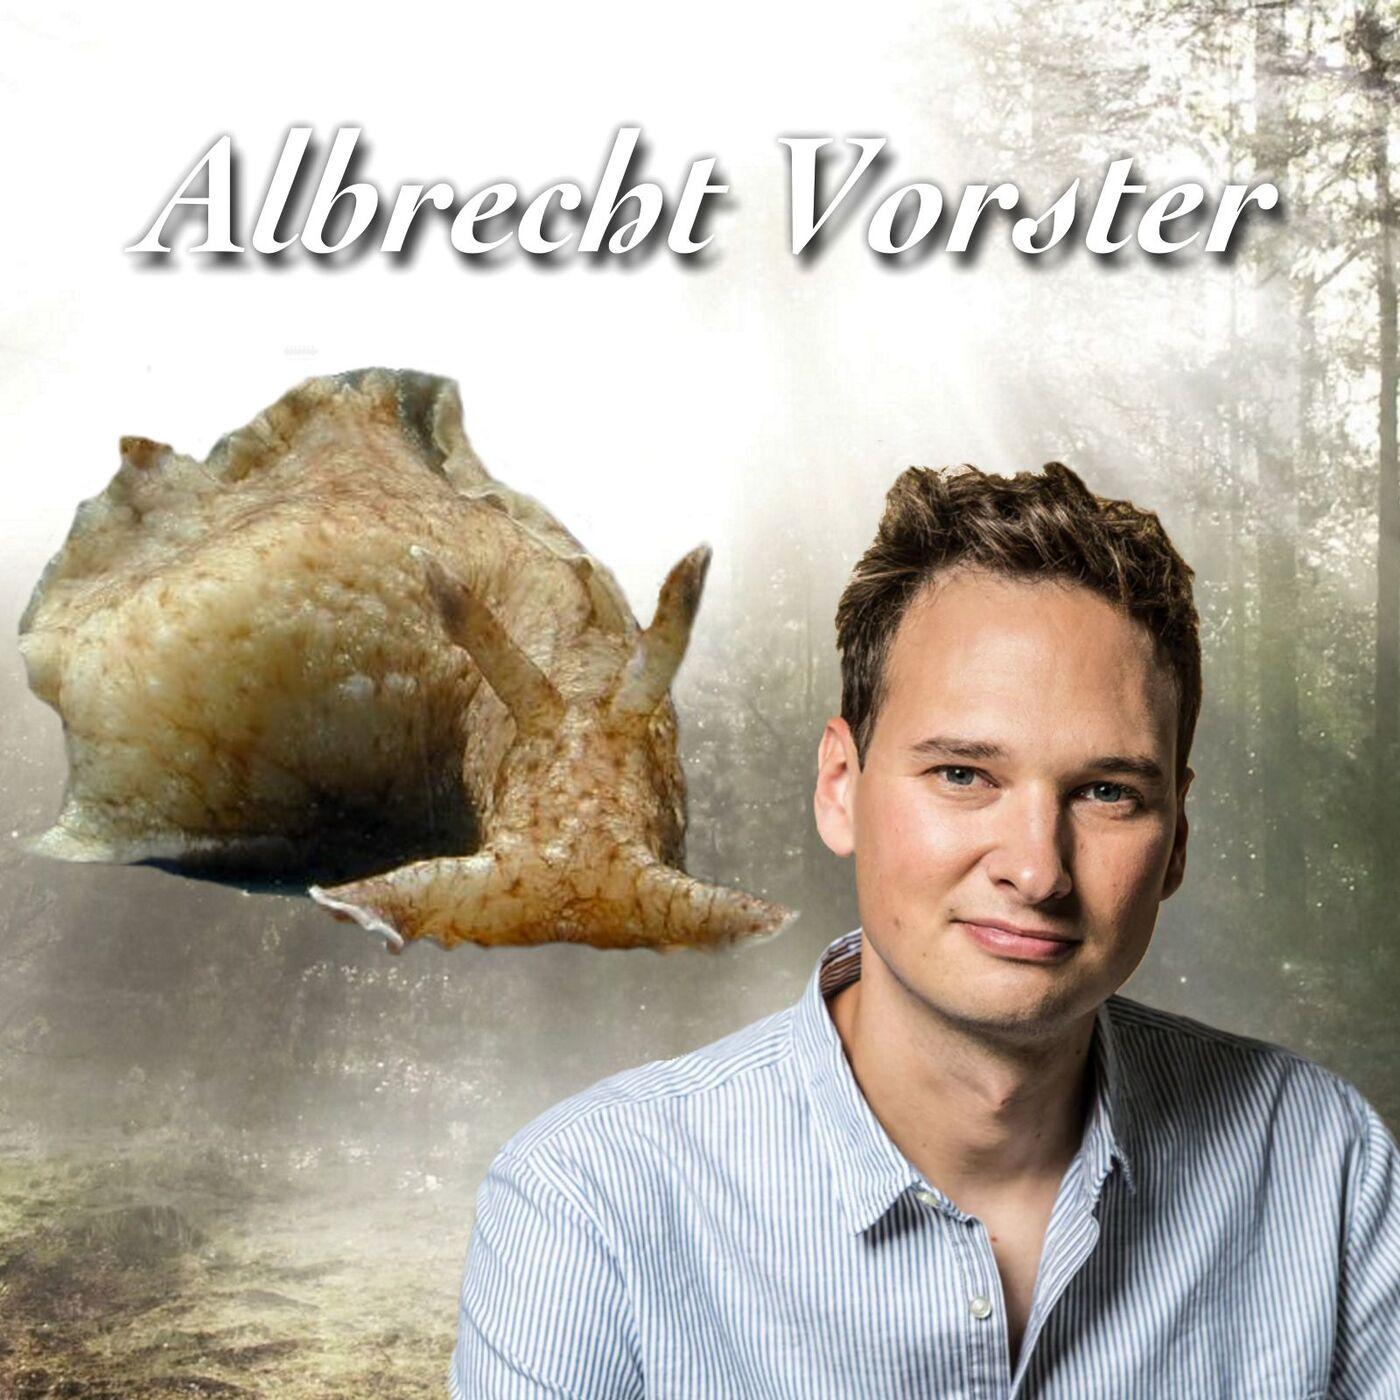 Schlafende Schnecken - Albrecht Vorster